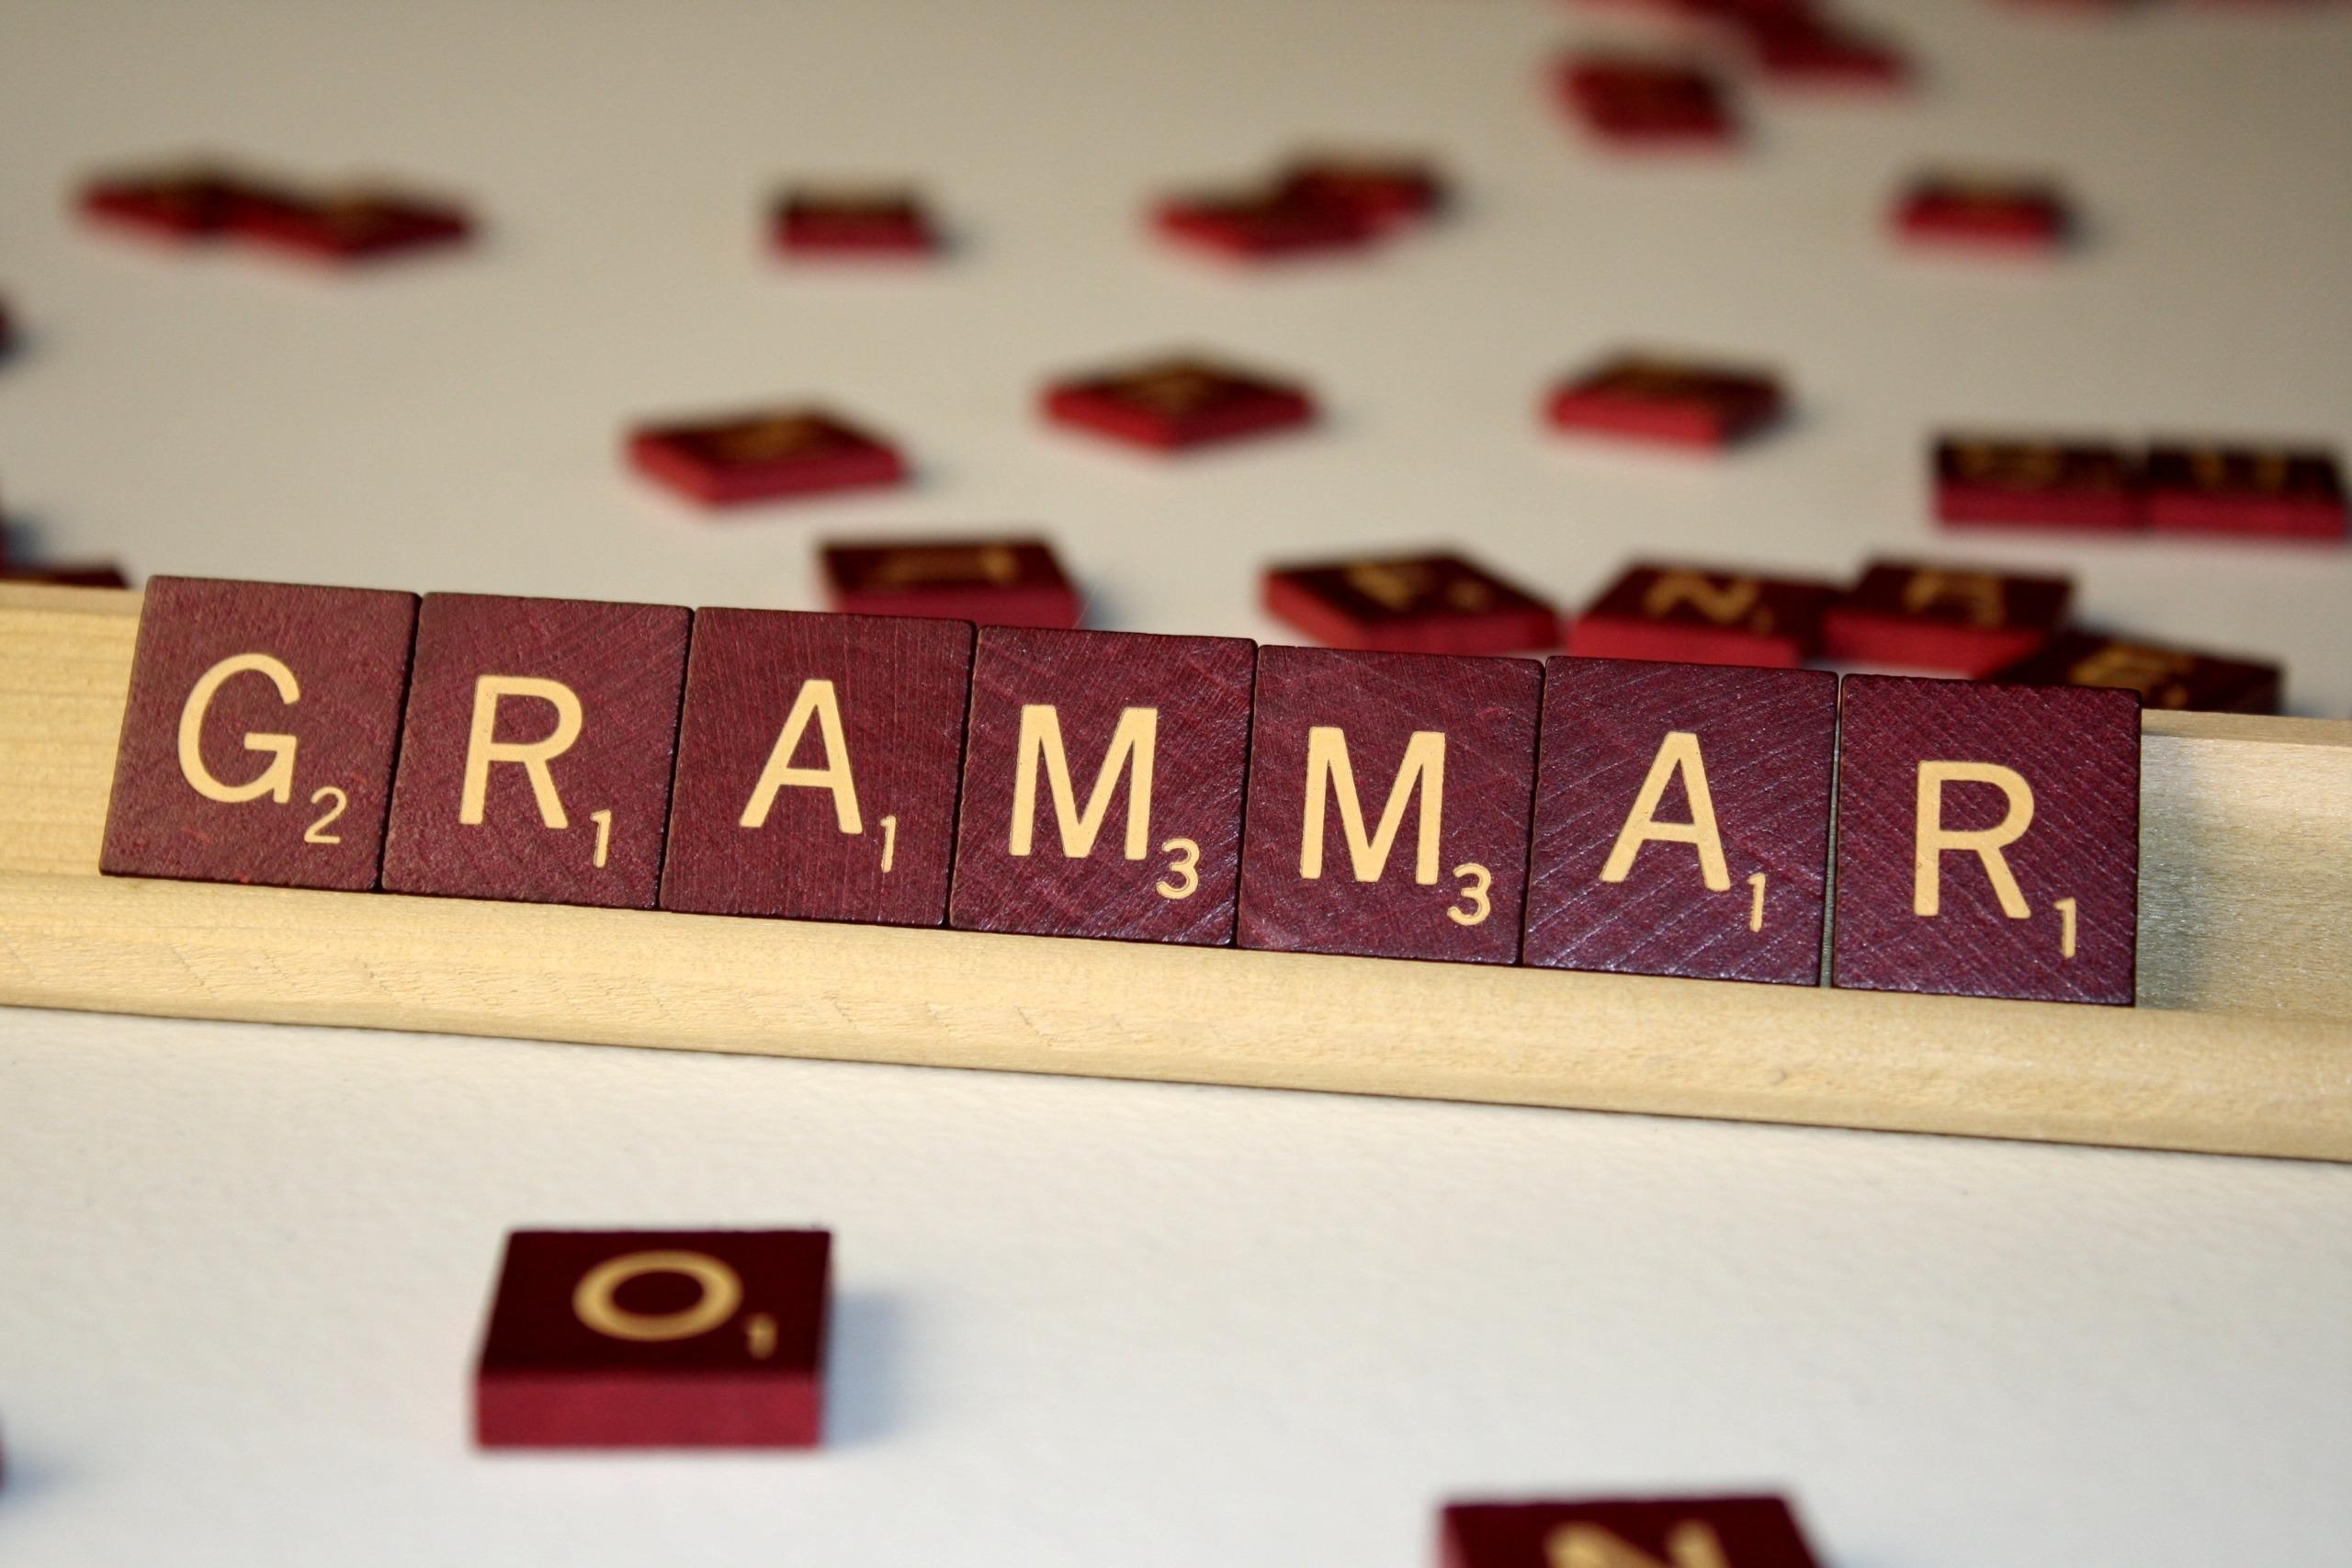 وقتی لغات انگلیسی را یاد میگیرید، گرامر را نیز یاد میگیرید